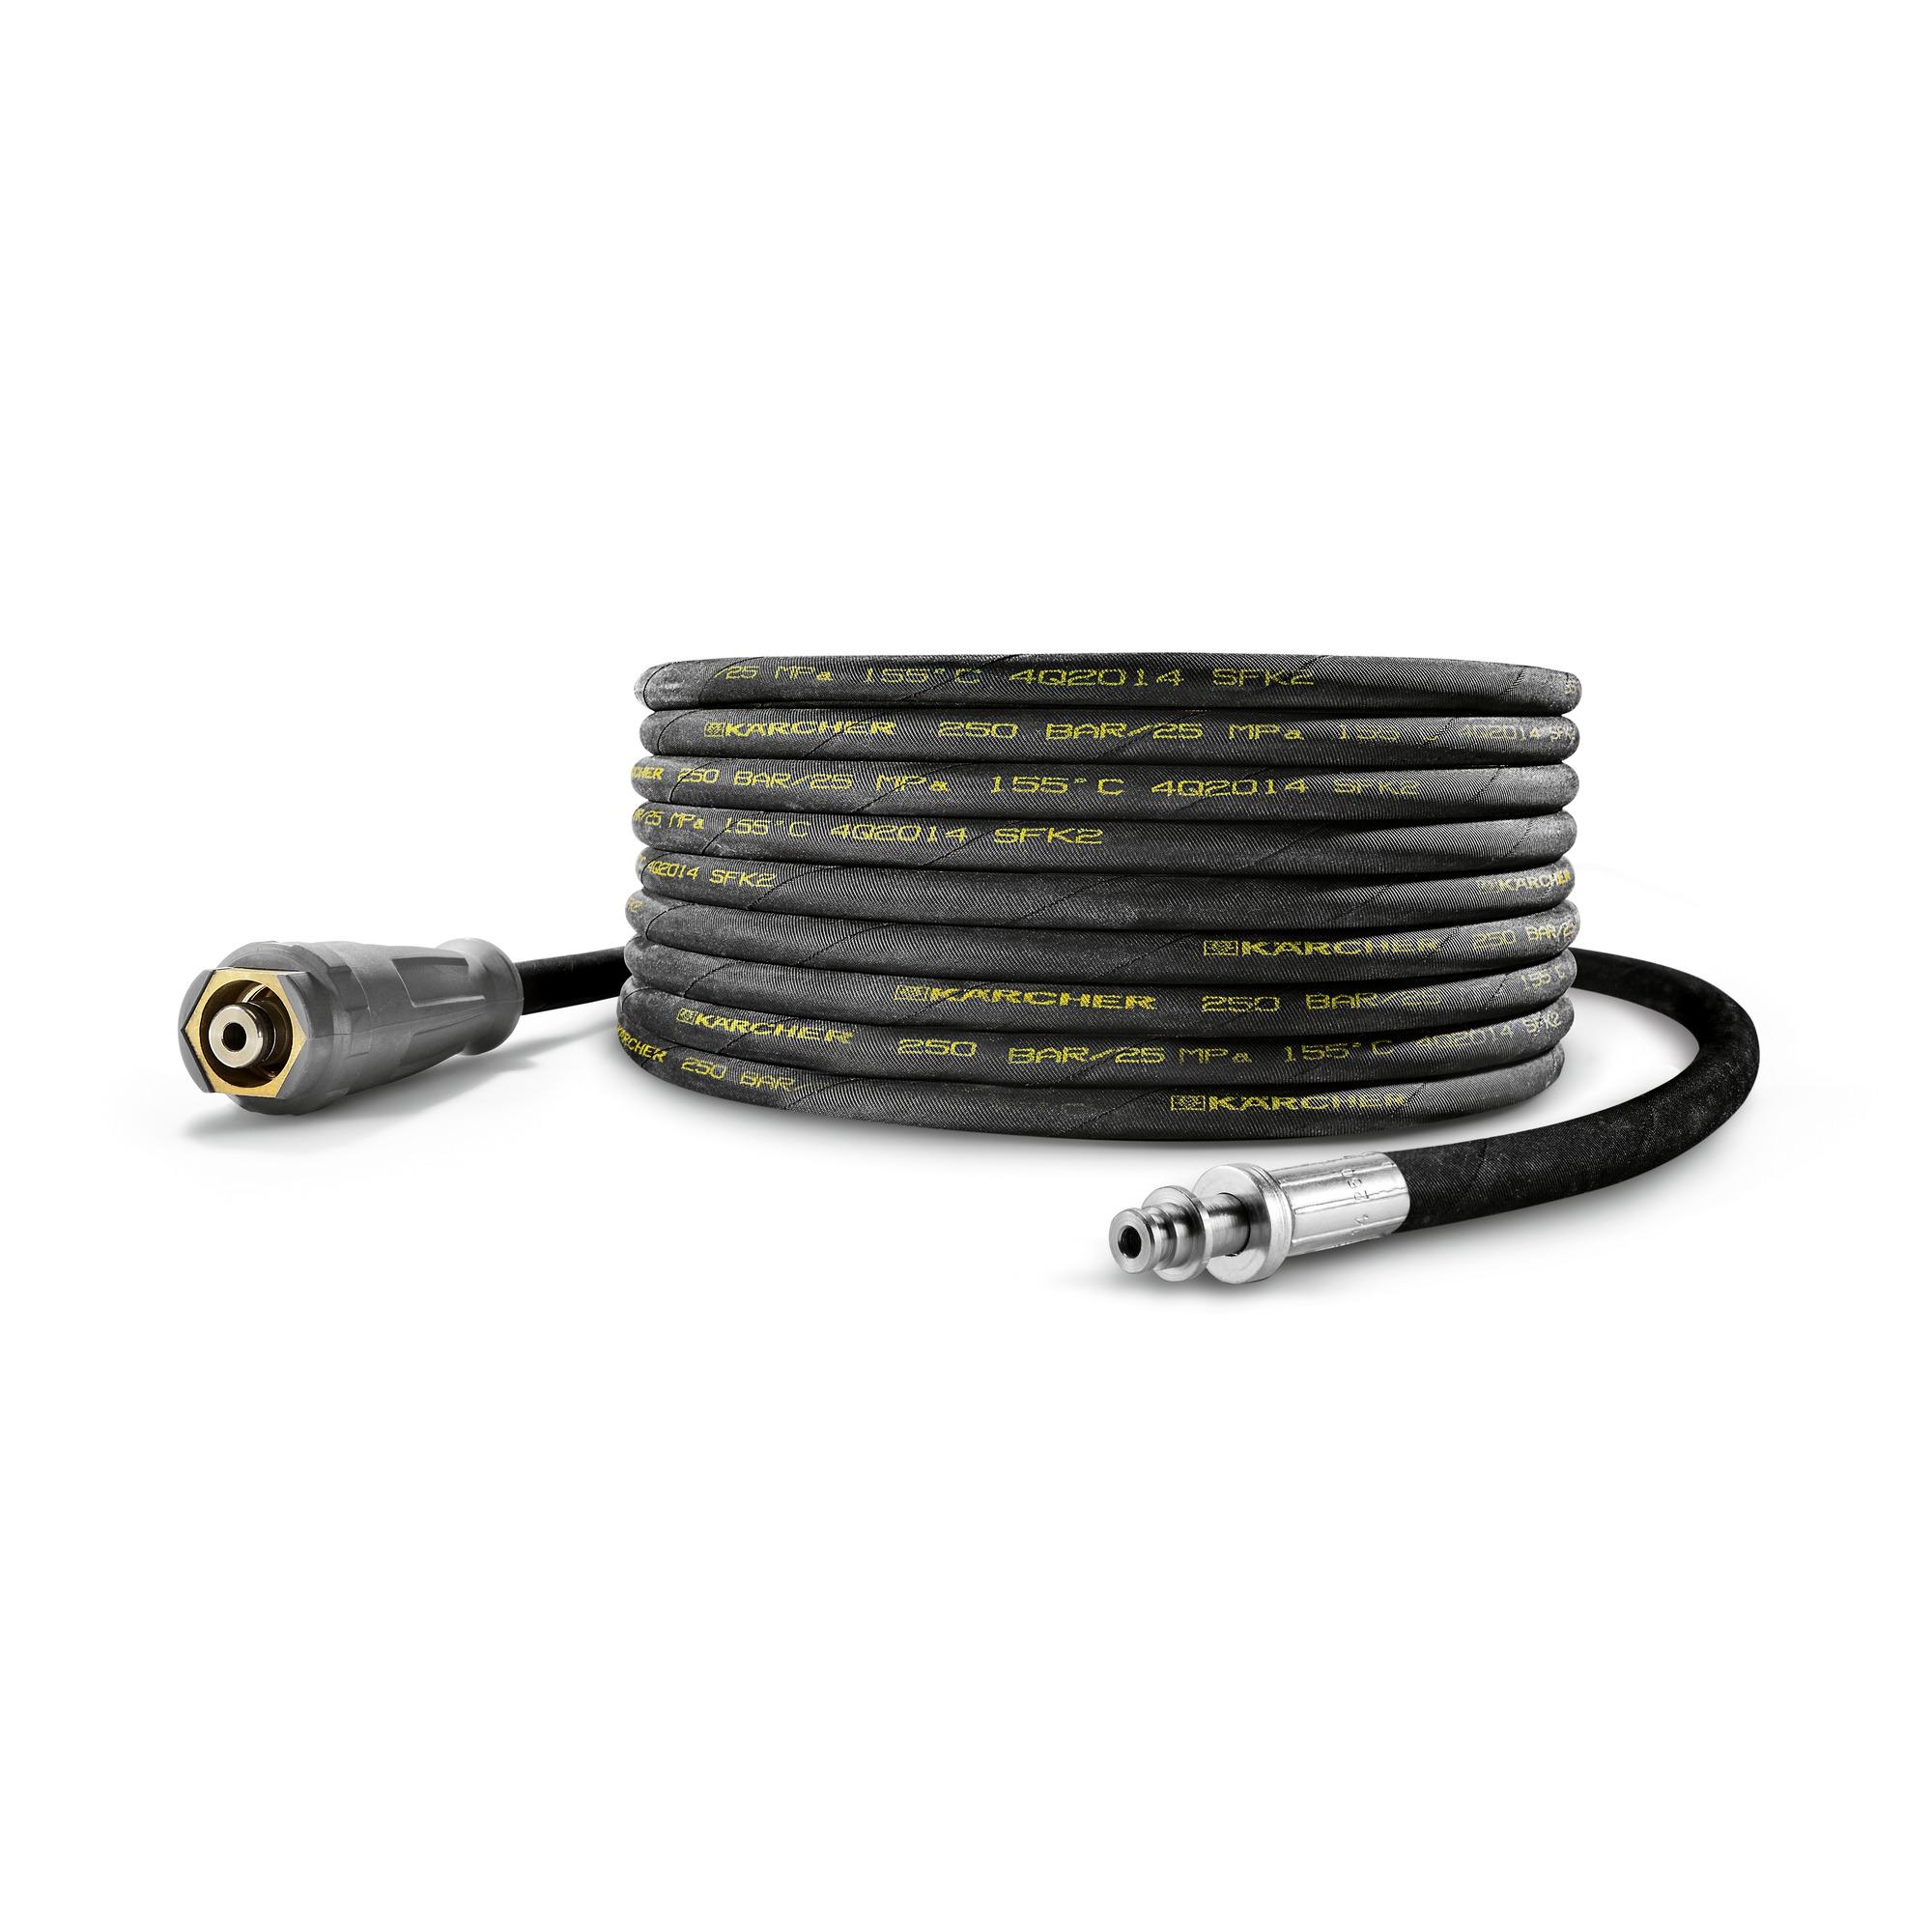 HD-Schlauch DN6, 15m, für Schlauchtrommel 250 bar